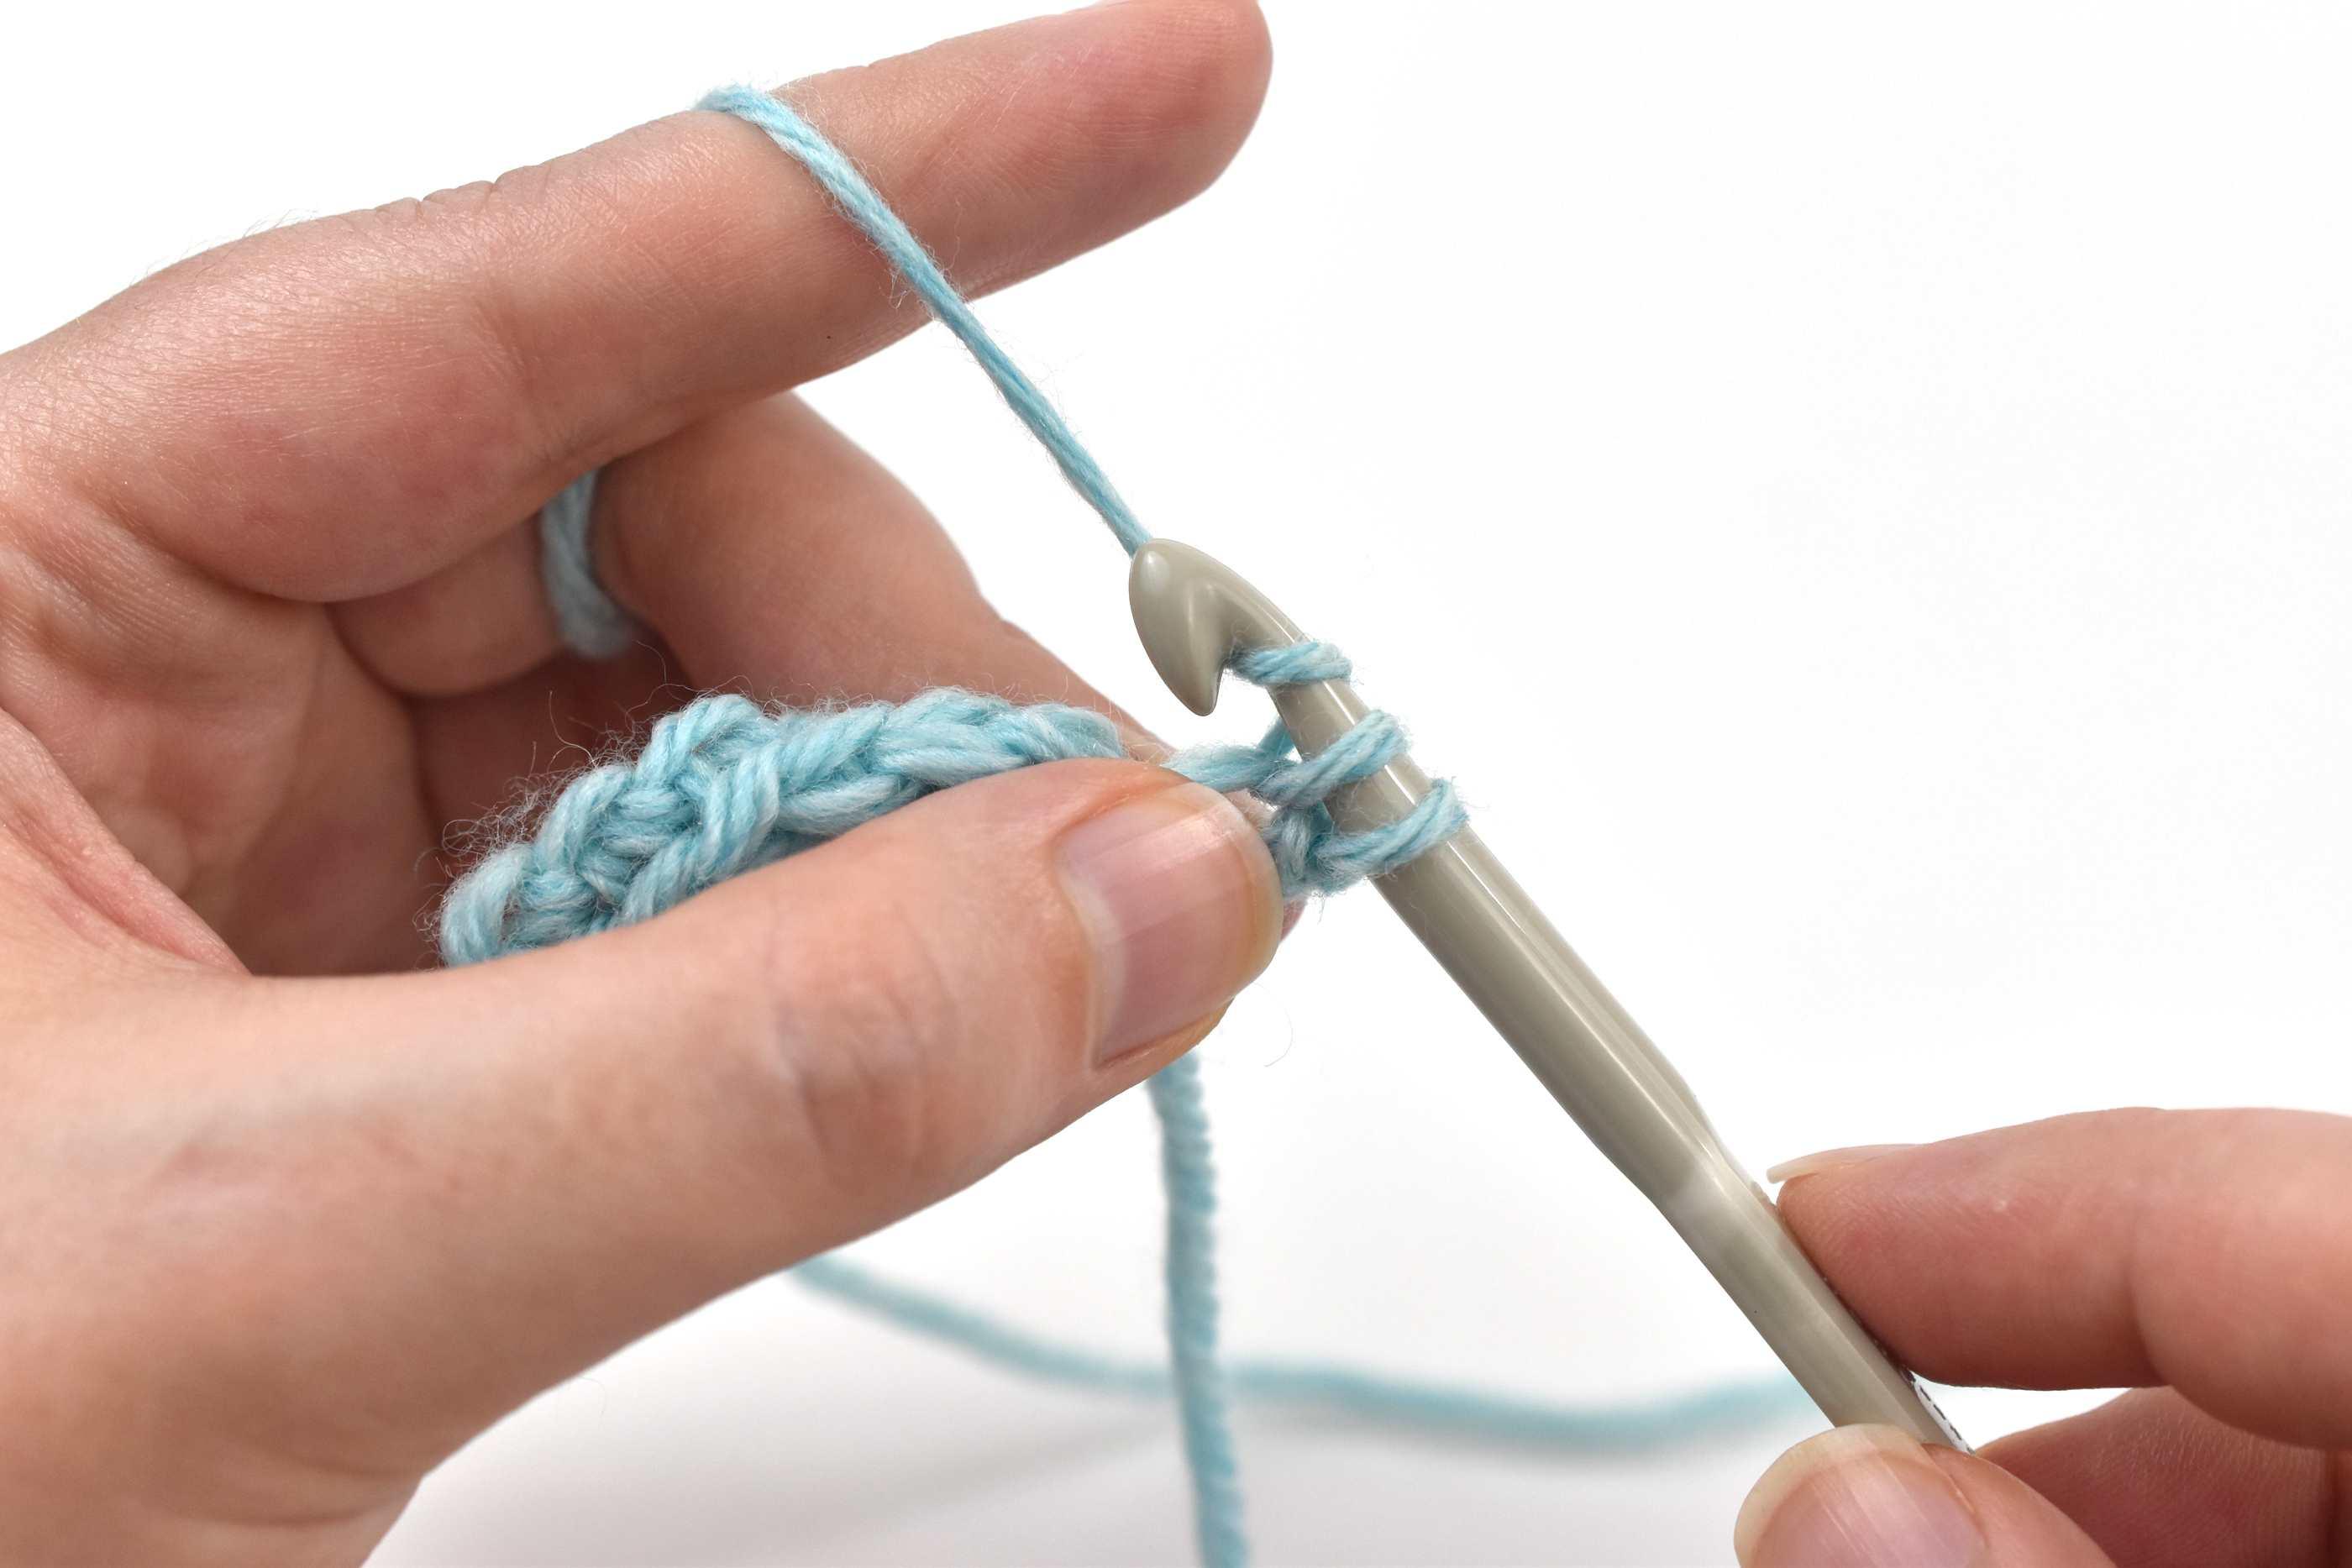 Hook the yarn